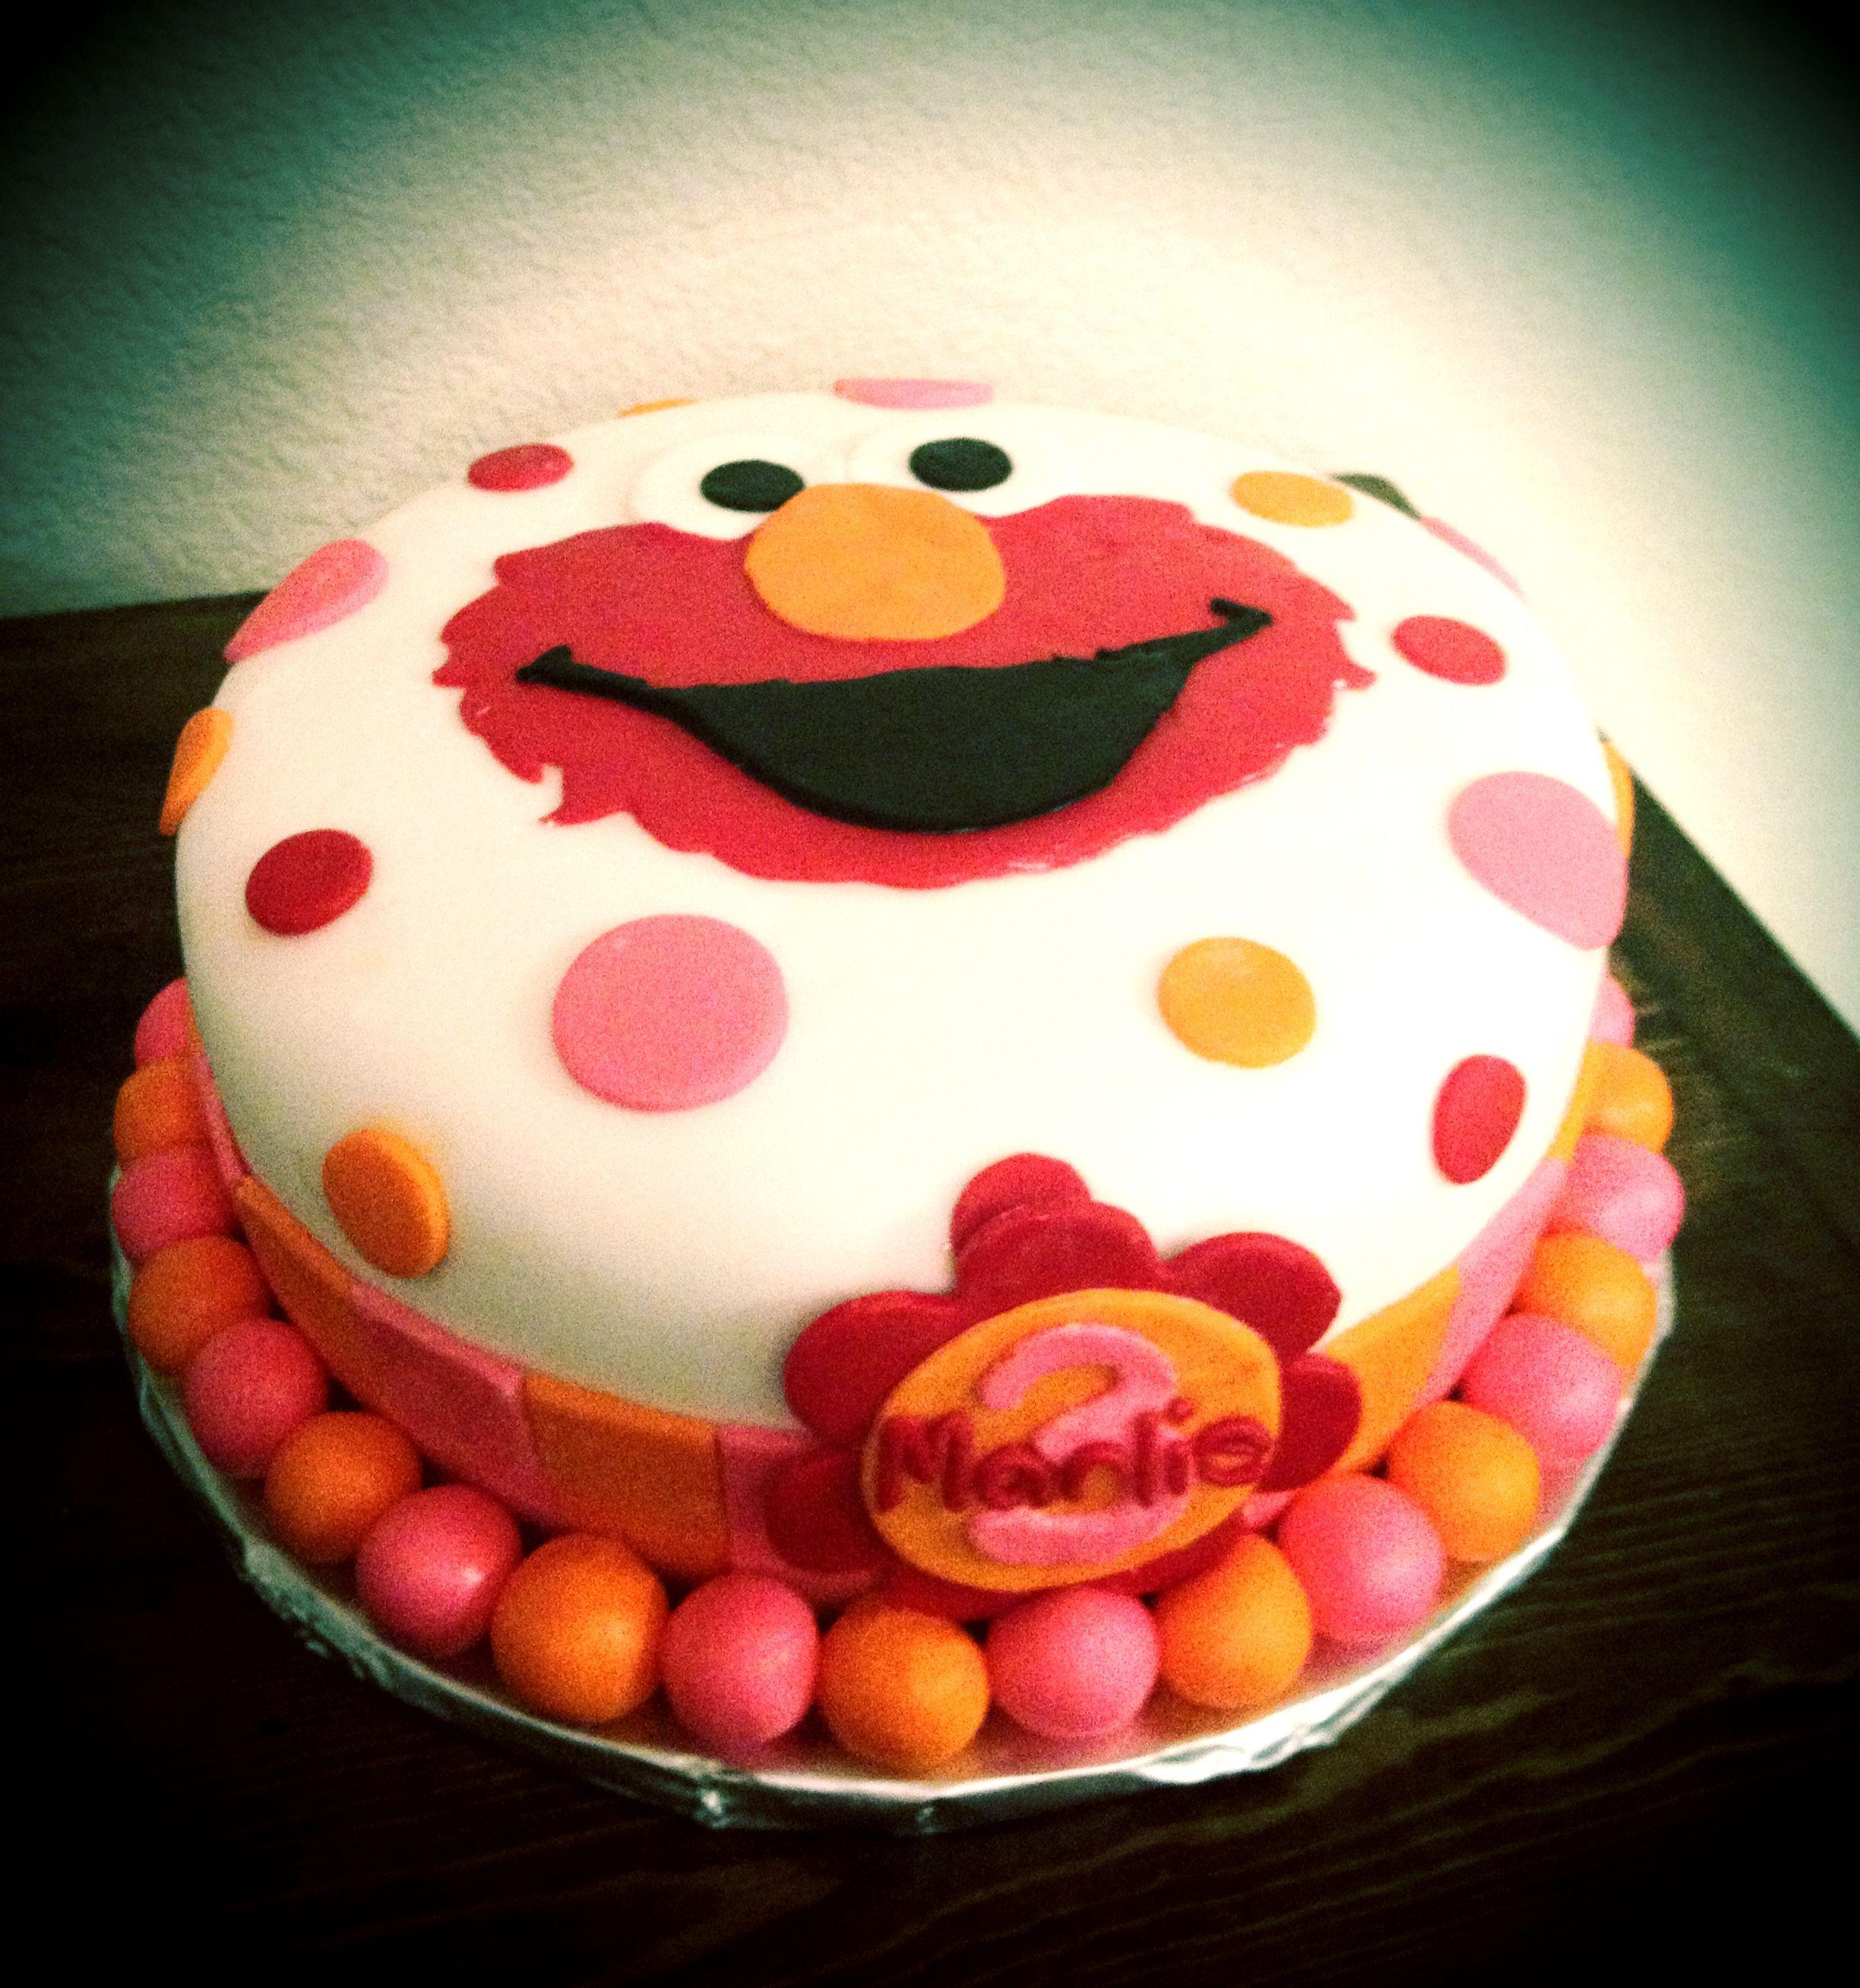 Remarkable Elmo Birthday Cake Pink Orange And Red Elmo Birthday Cake Funny Birthday Cards Online Inifofree Goldxyz